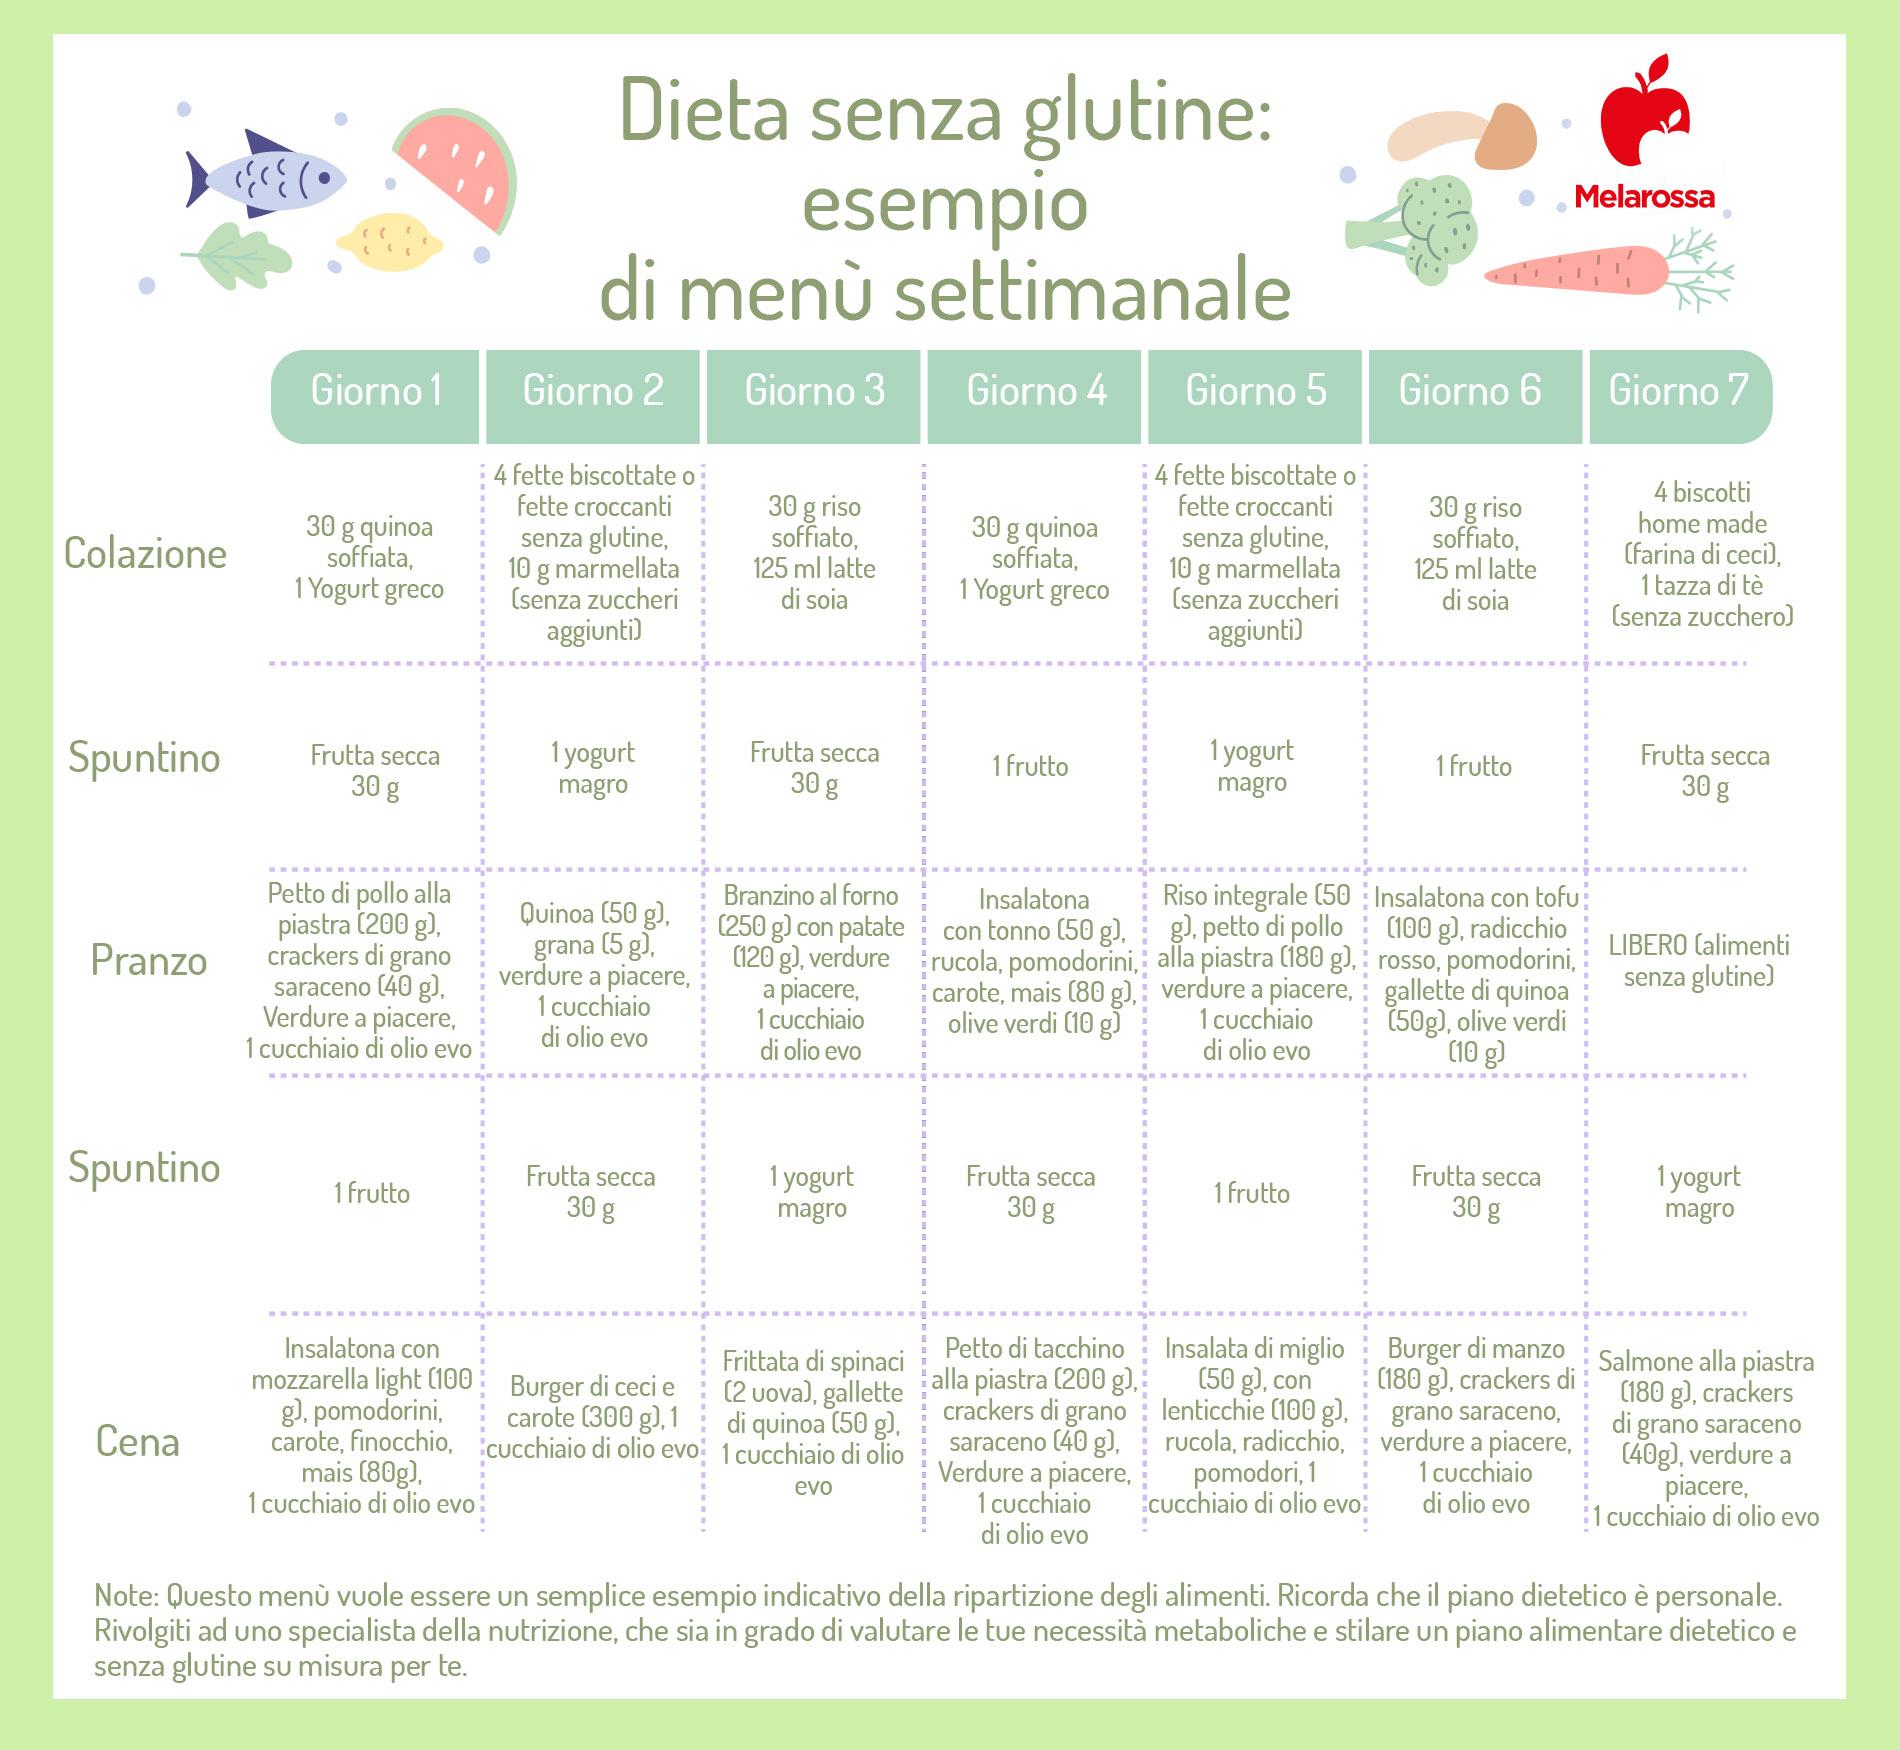 dimagrire con la dieta senza glutine: esempio di menù settimanale